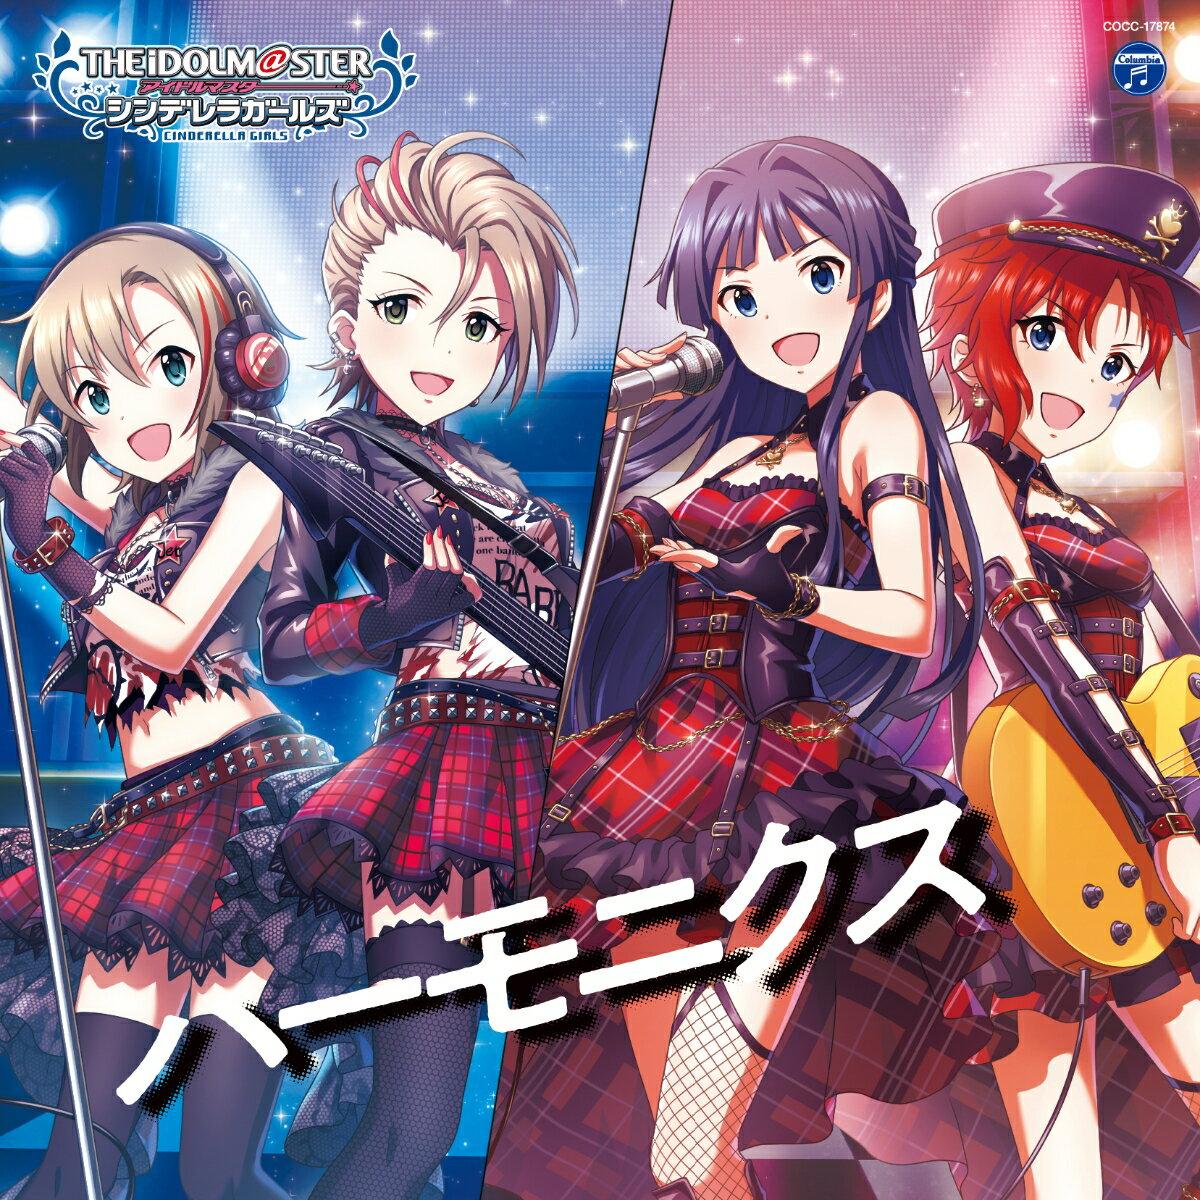 ゲームミュージック, その他 THE IDOLMSTER CINDERELLA GIRLS STARLIGHT MASTER COLLABORATION! () (CV:)